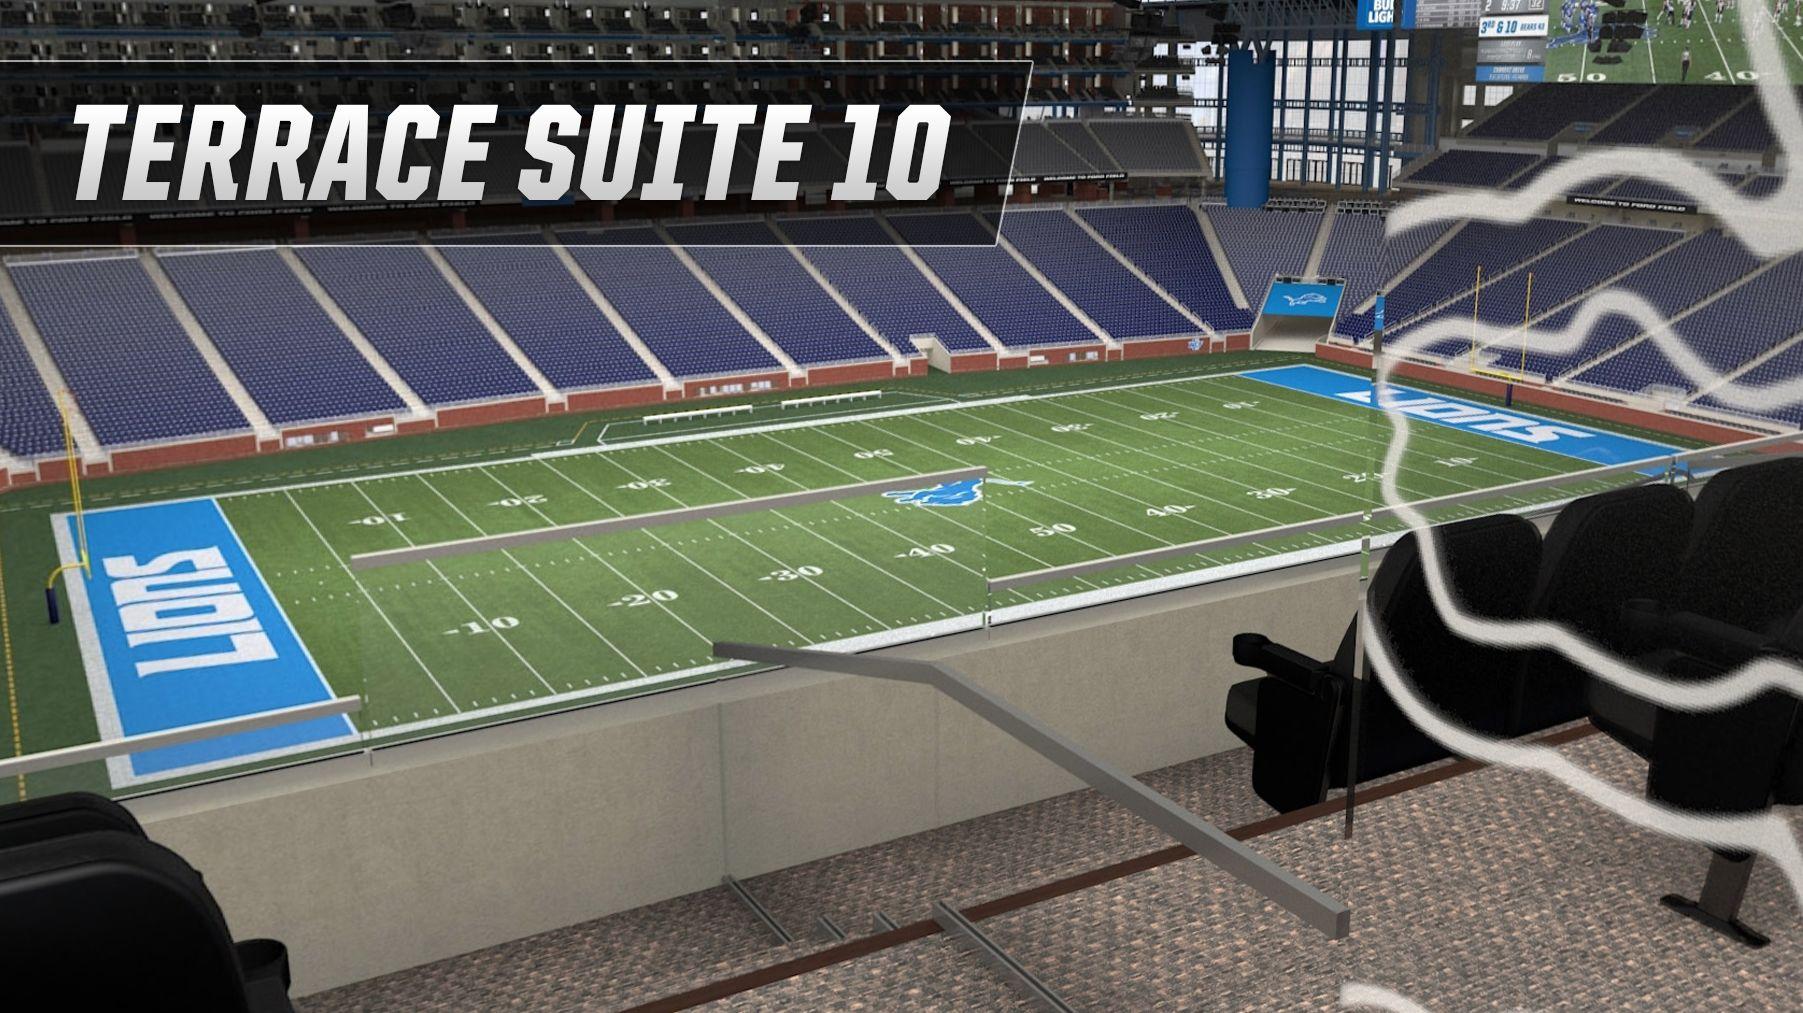 terrace-suite-10